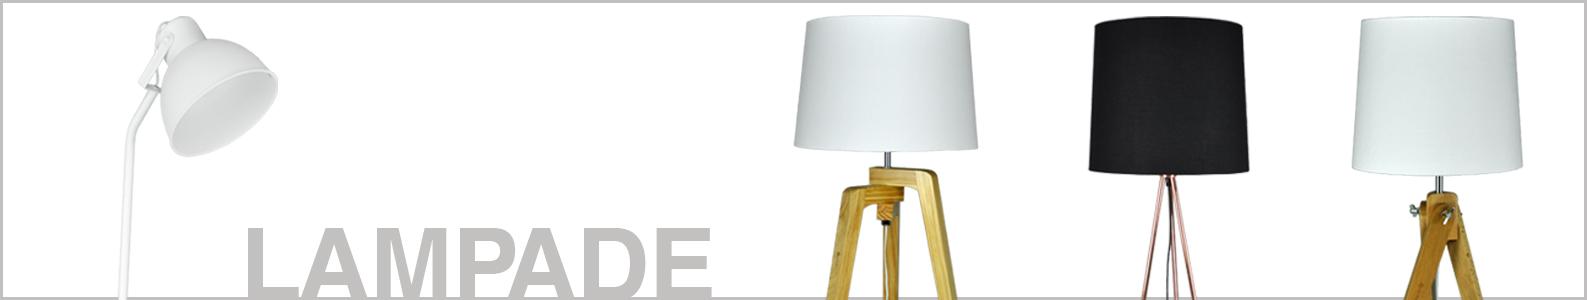 Lampada da tavolo con treppiede in legno, Abat jour mod. Aisha Arredo